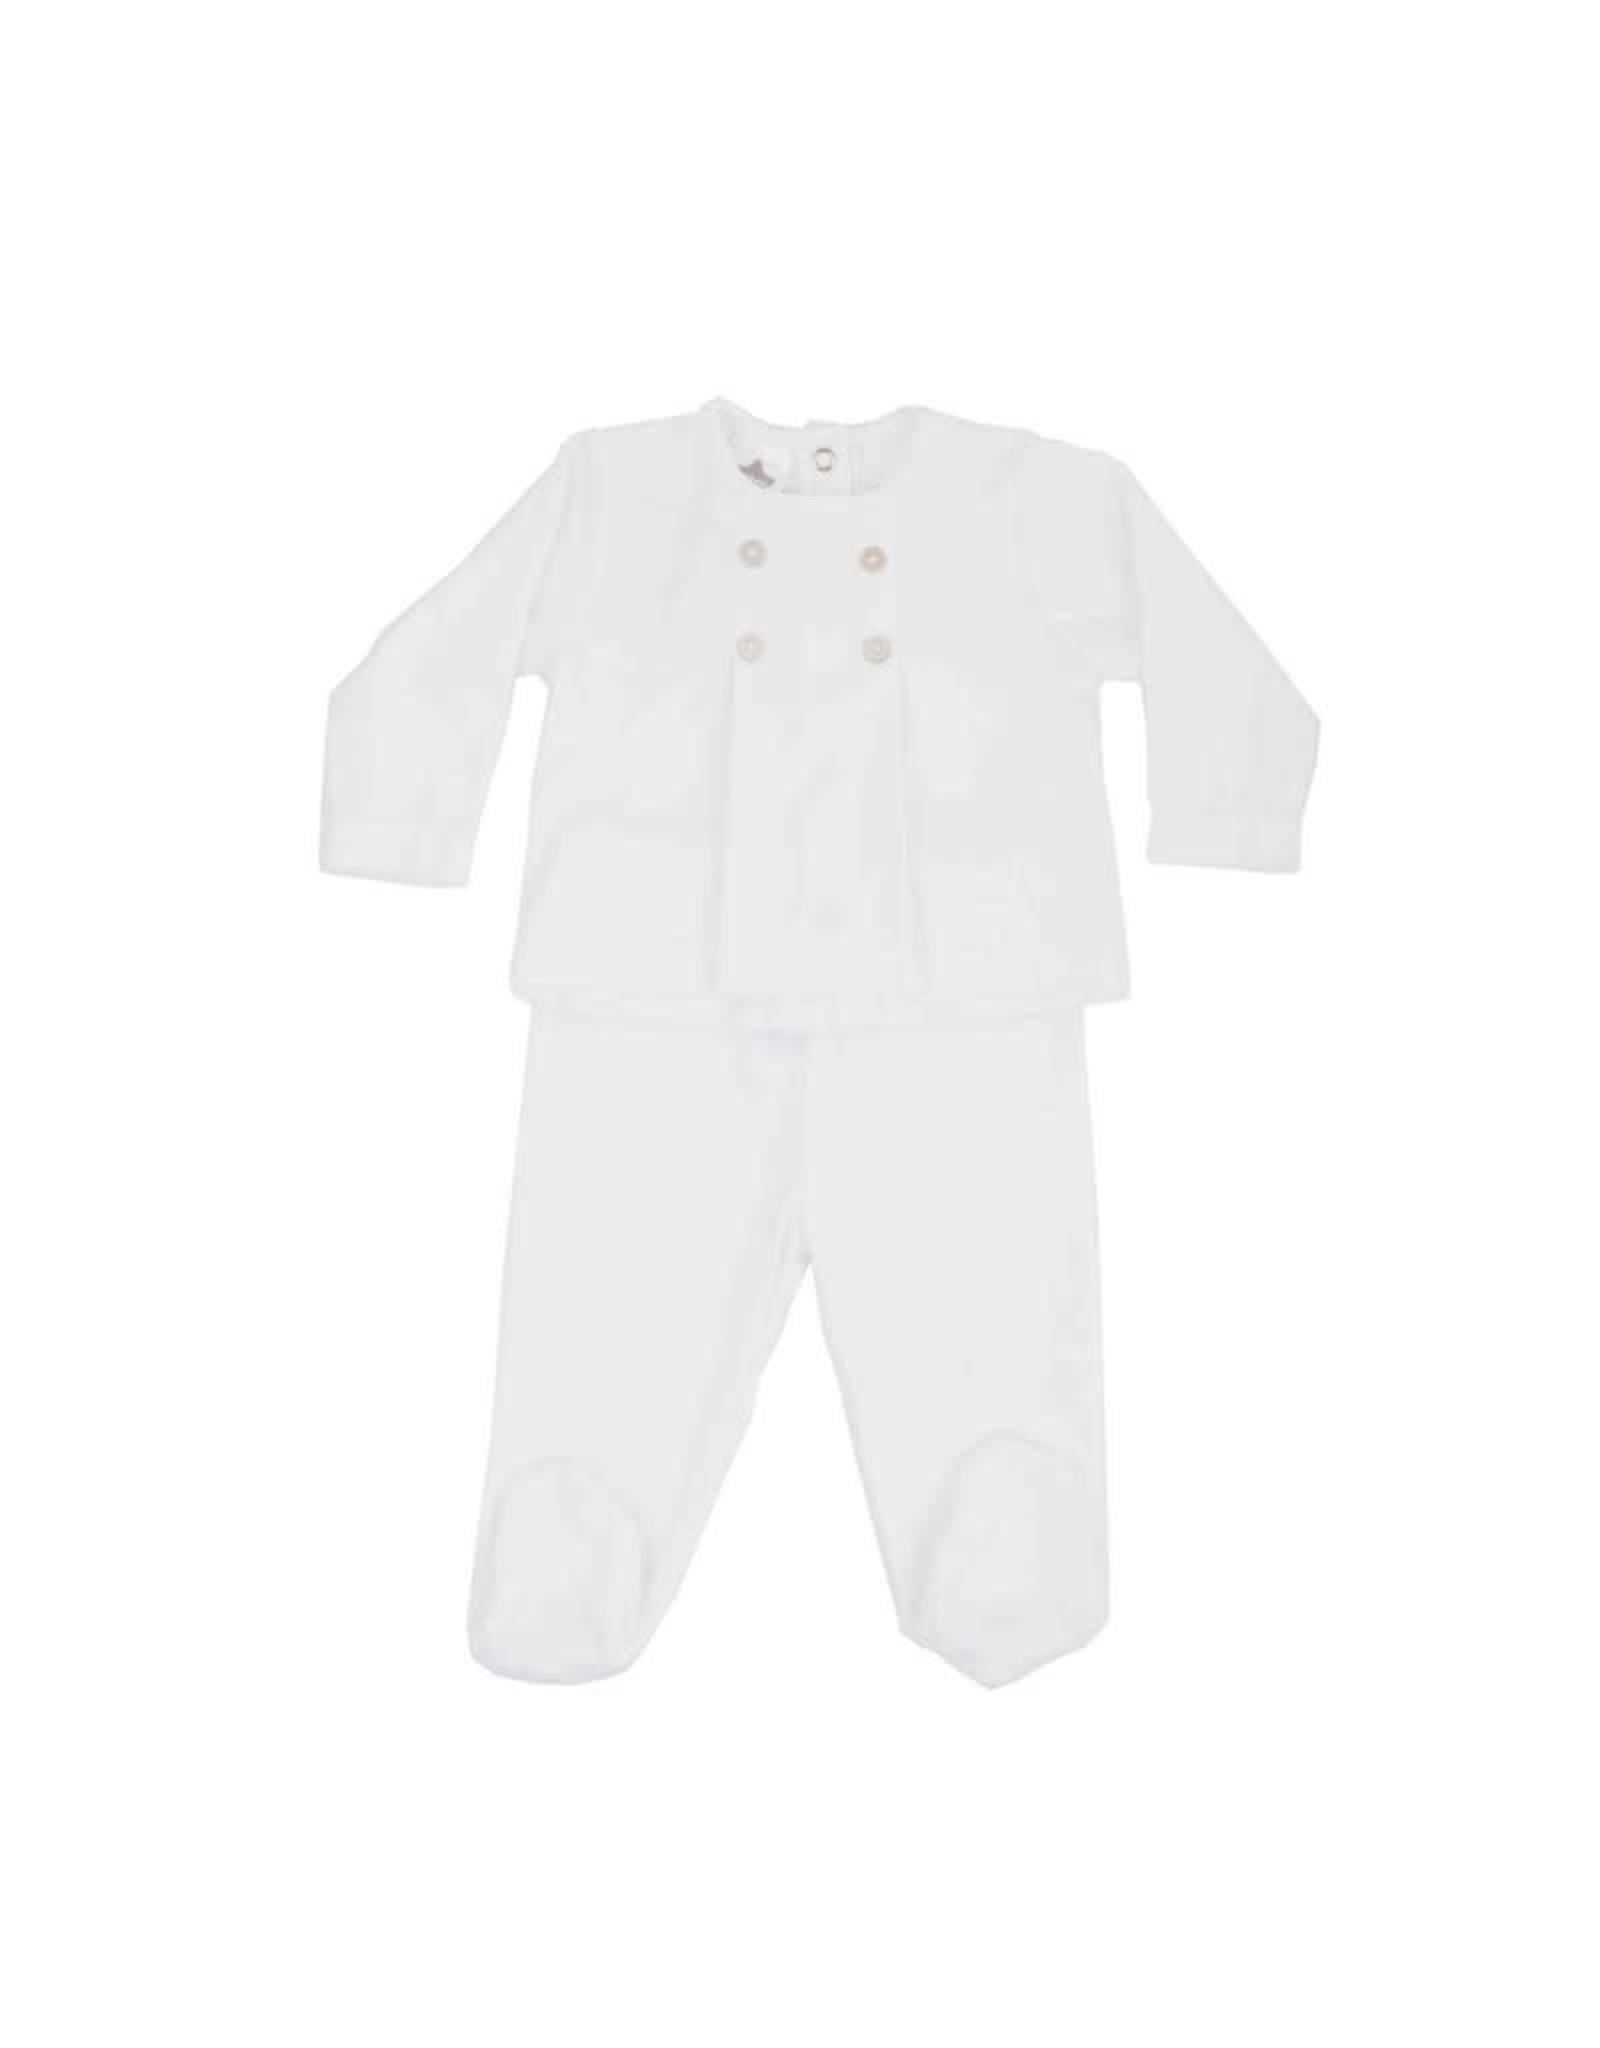 MINHON White Baby Set